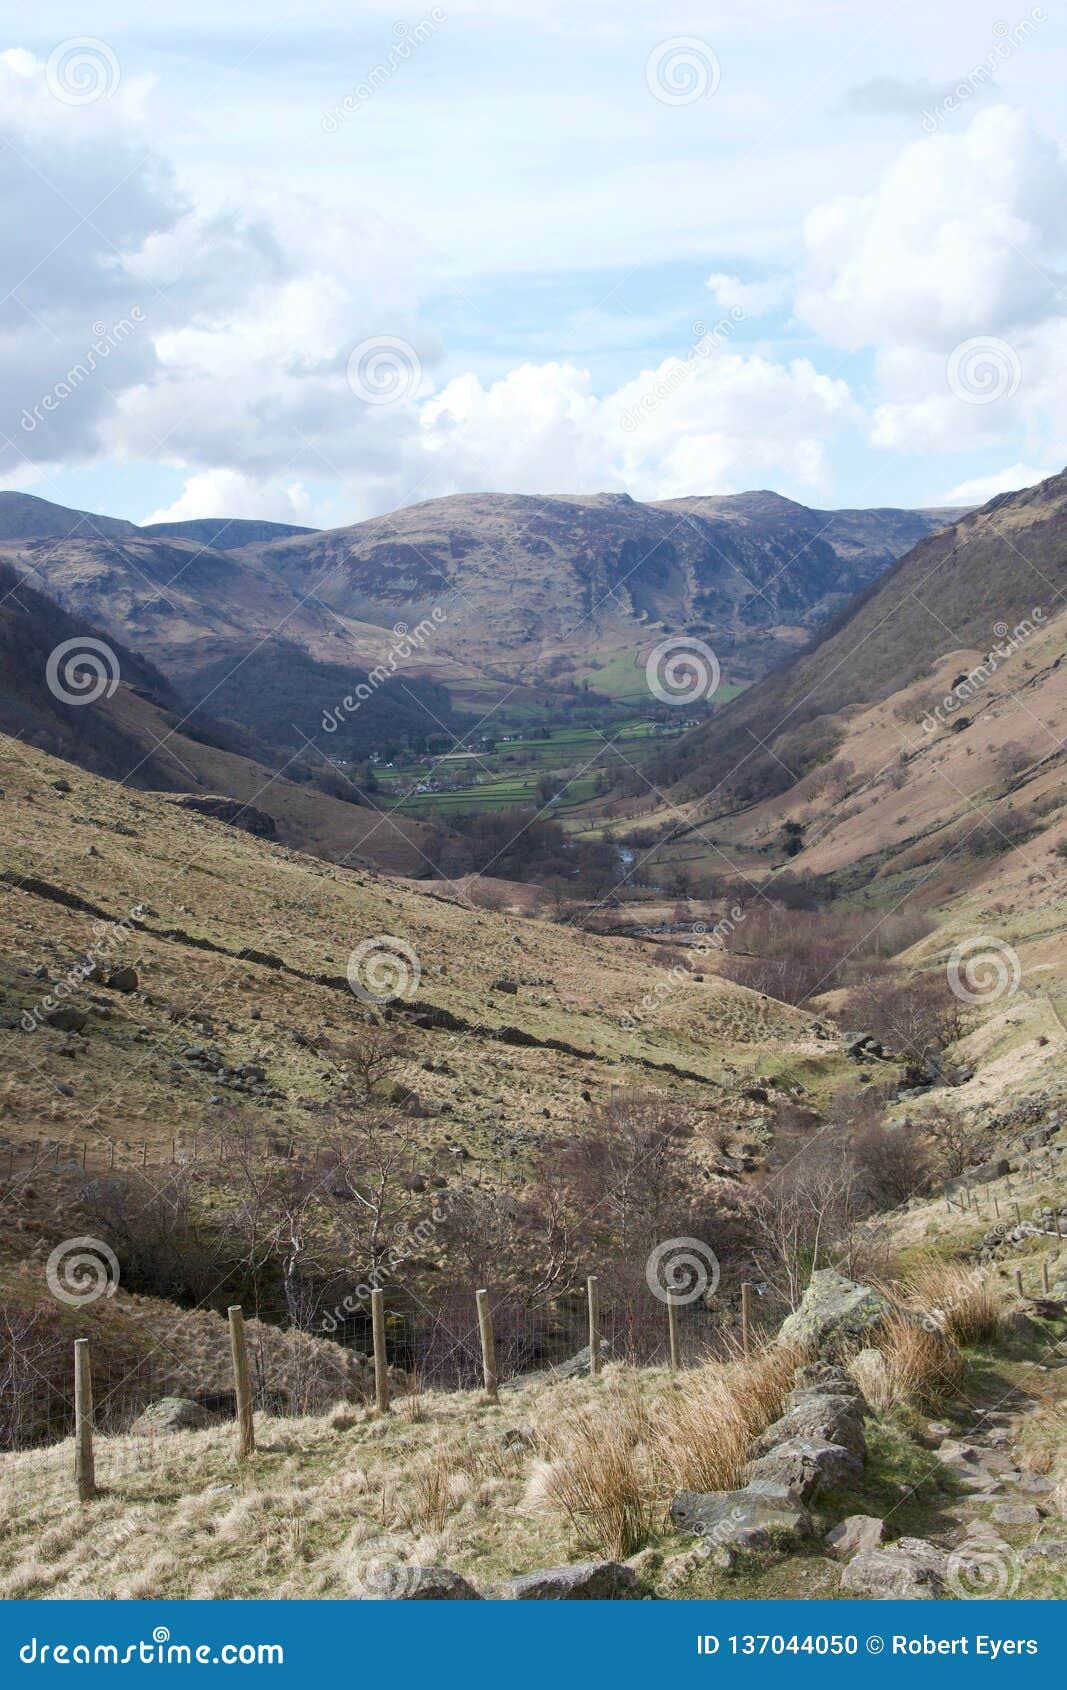 Vallei in Meerdistrict Cumbria, het UK; groene landbouwgrond in afstand en omheining in voorgrond